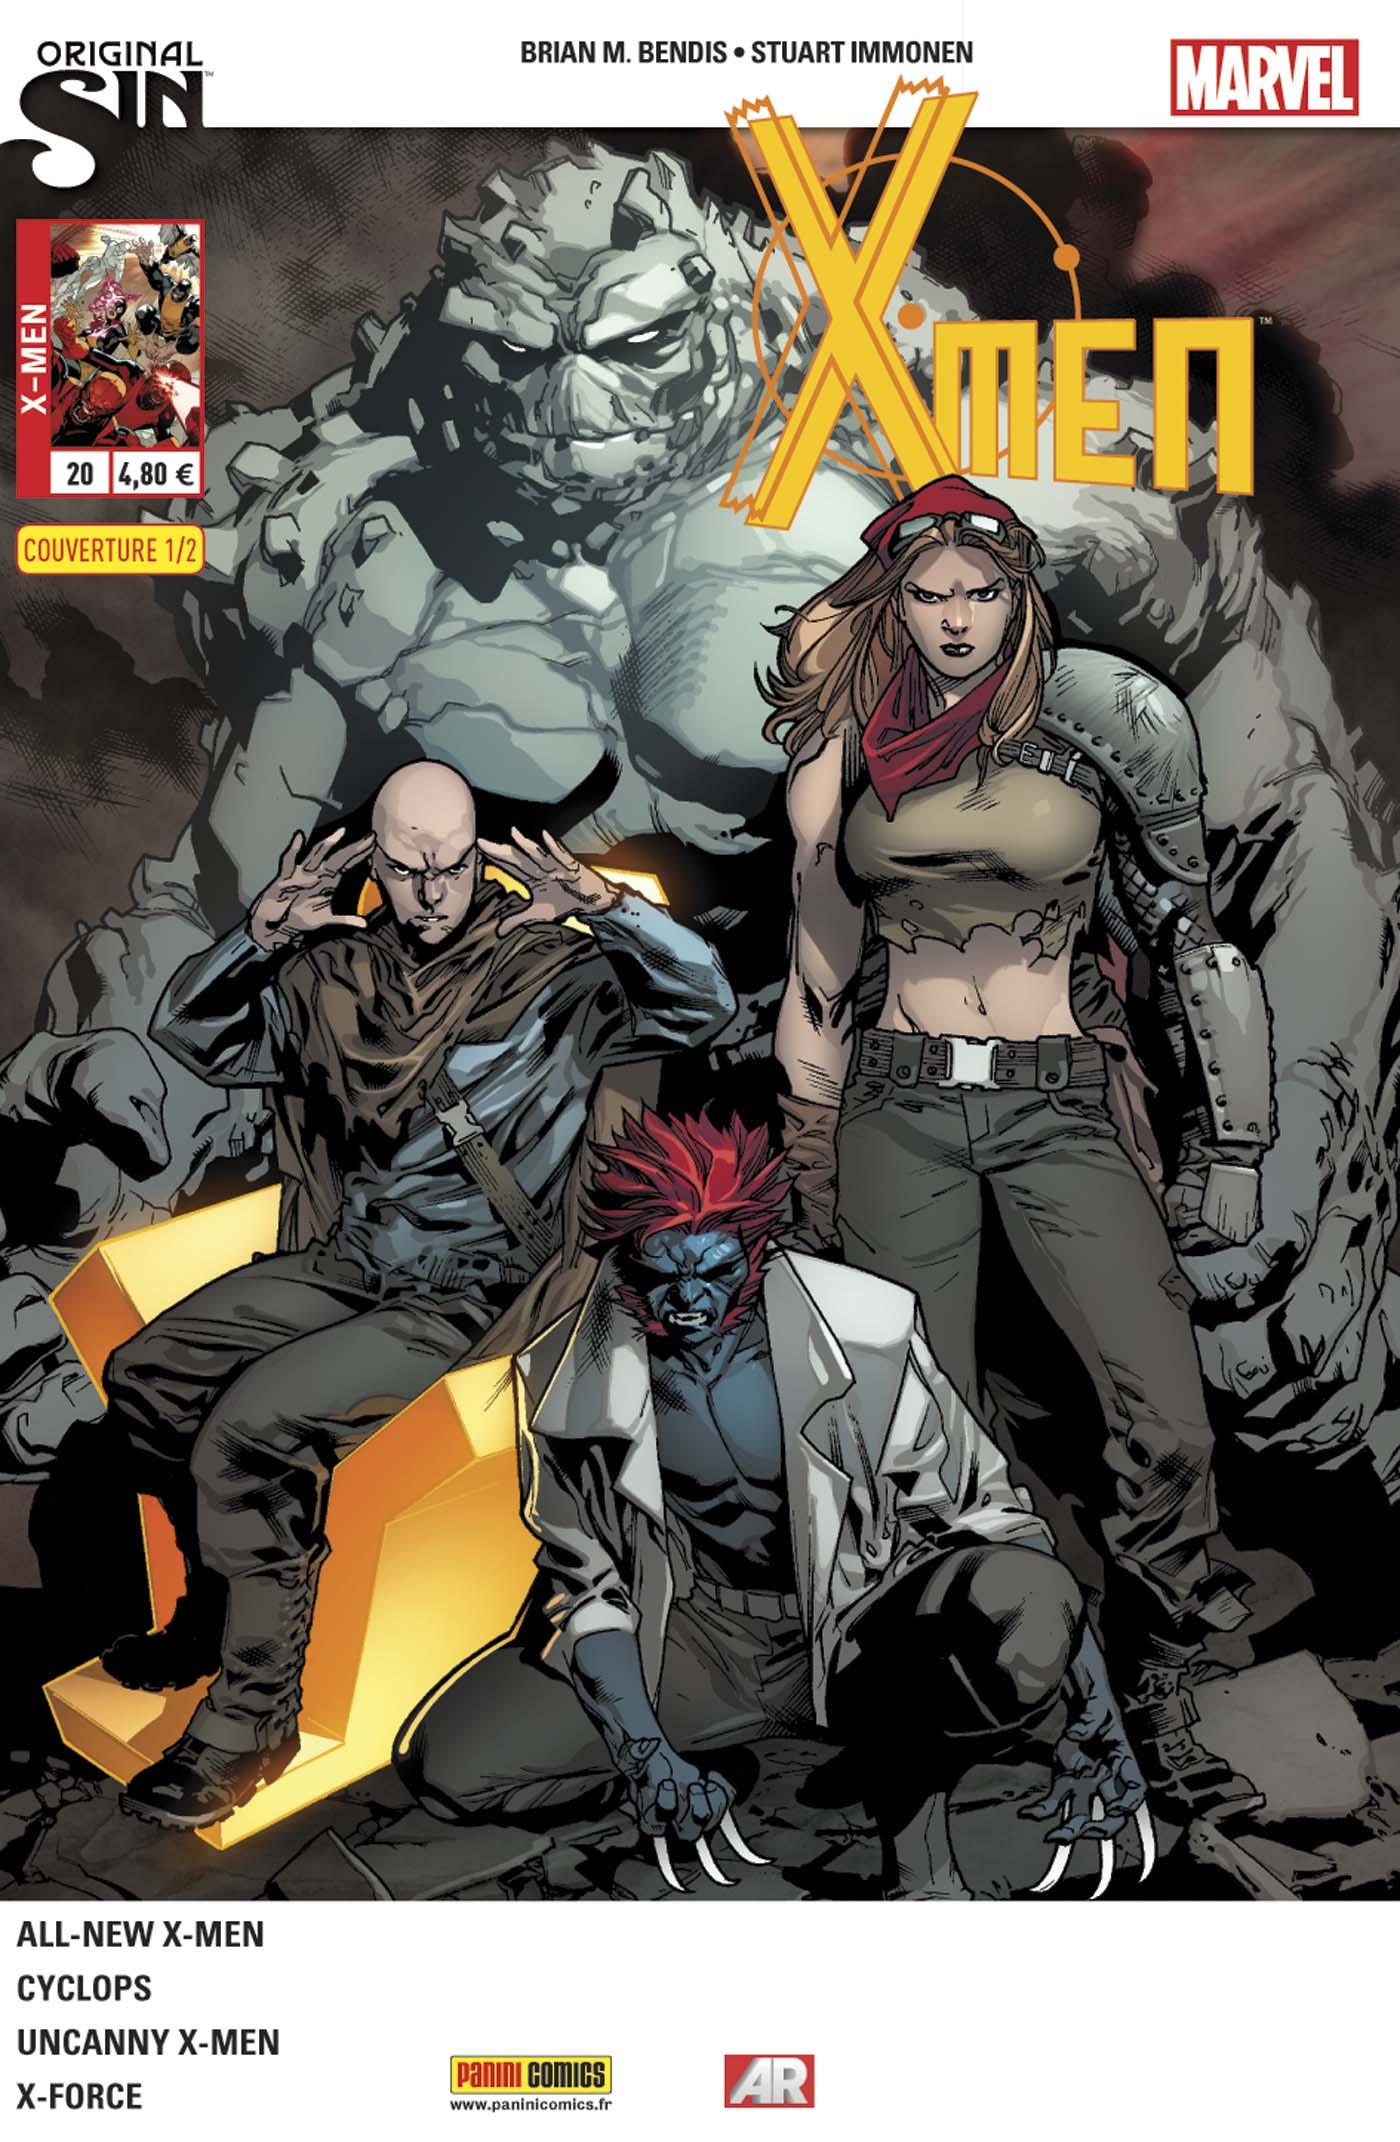 X-Men 20 - couverture 1/2